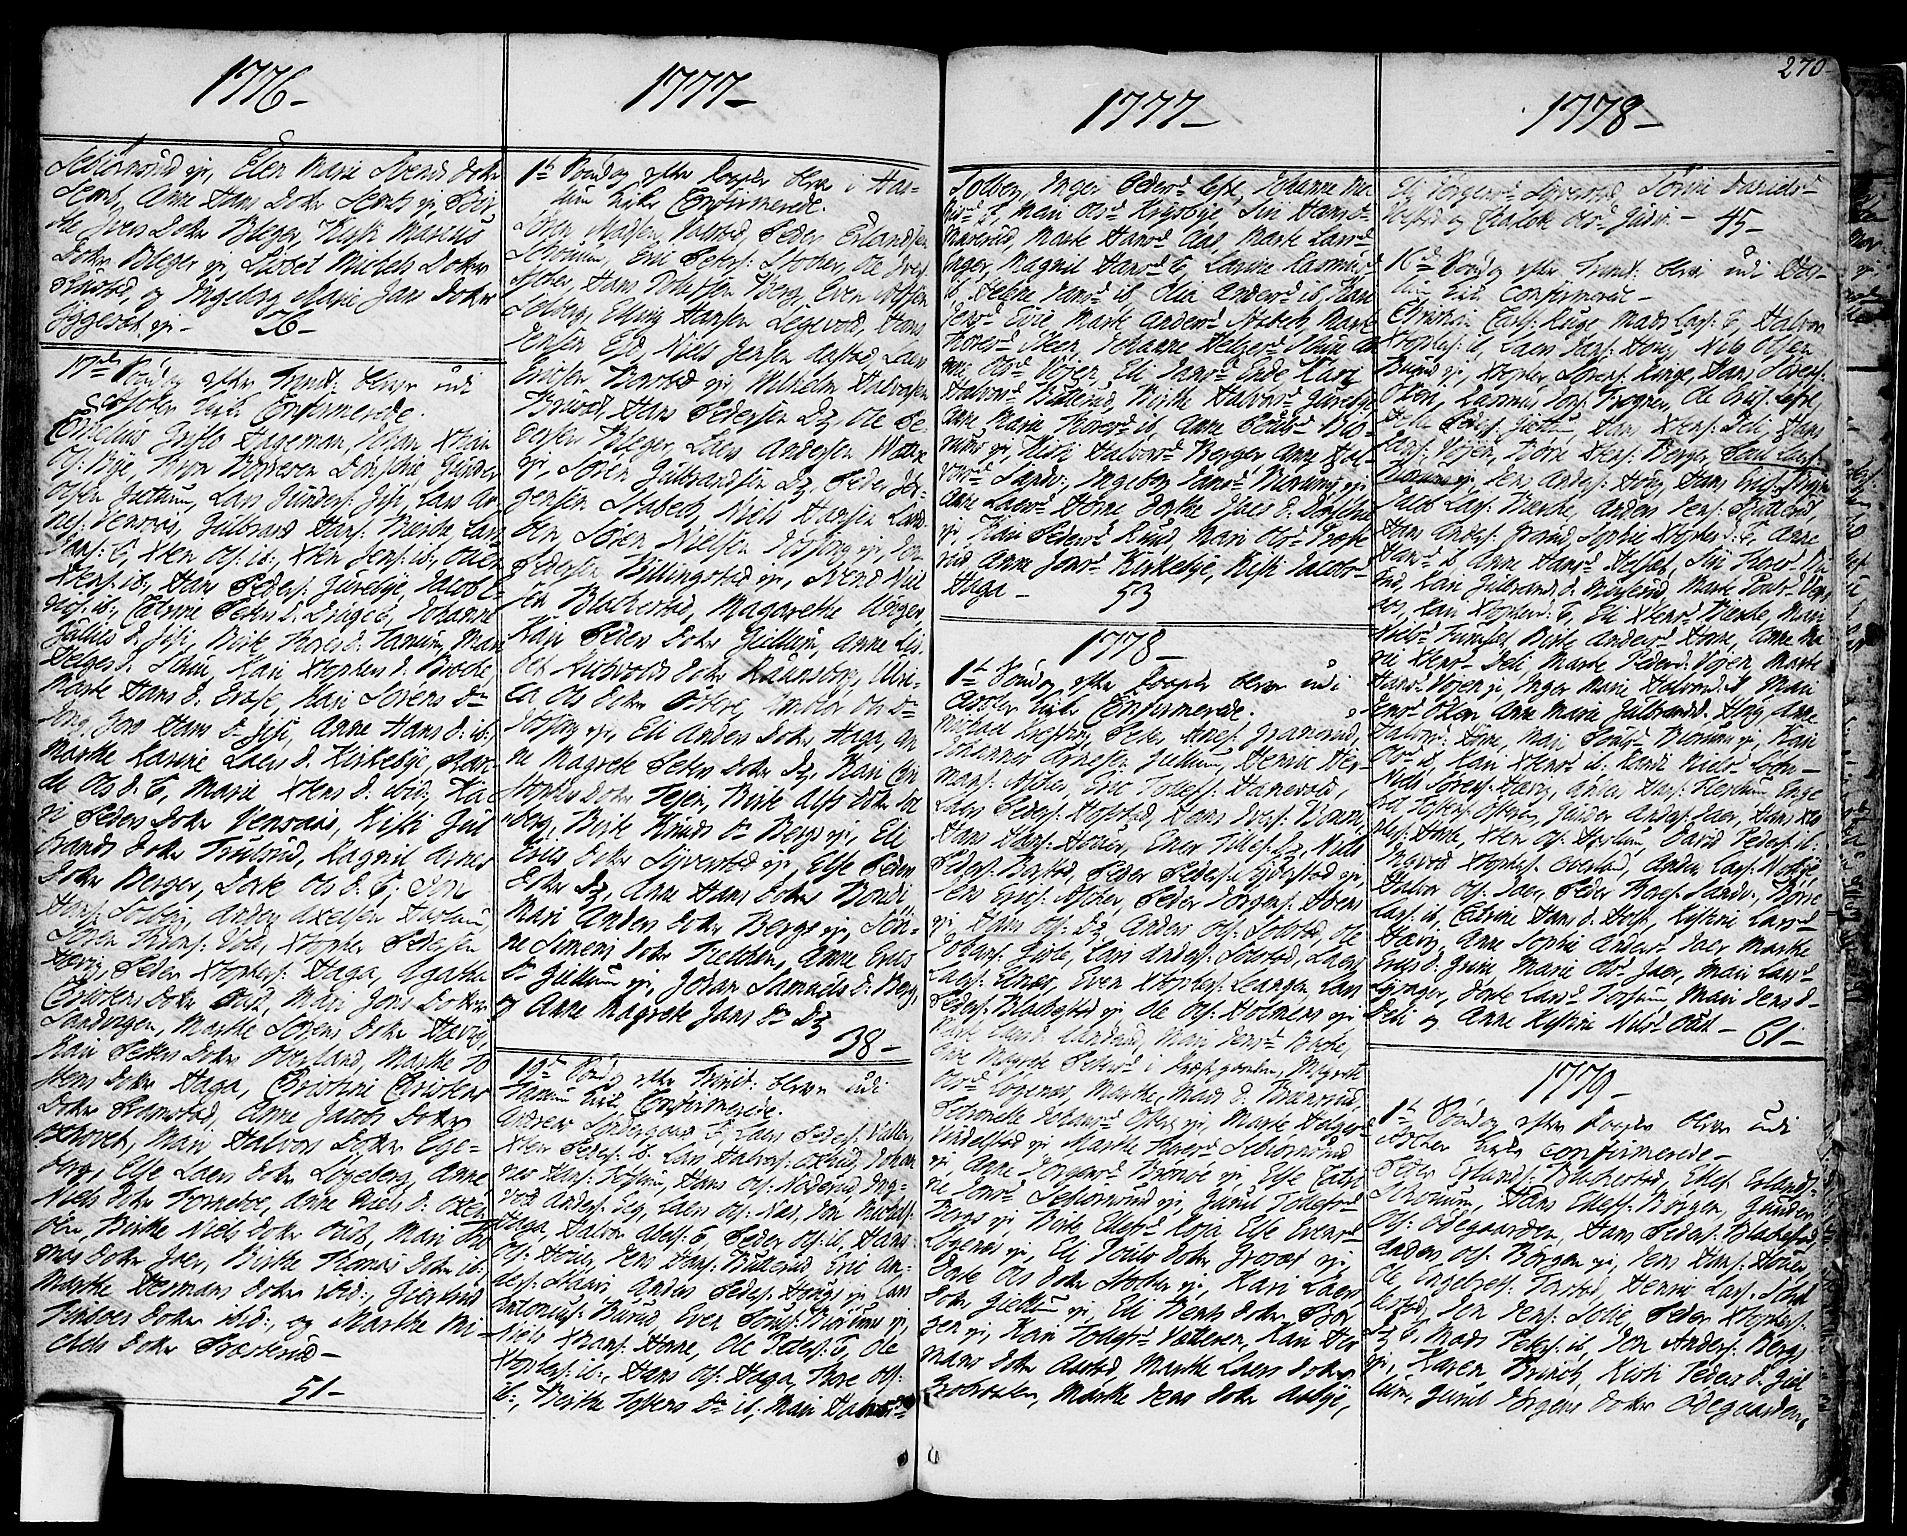 SAO, Asker prestekontor Kirkebøker, F/Fa/L0003: Ministerialbok nr. I 3, 1767-1807, s. 270